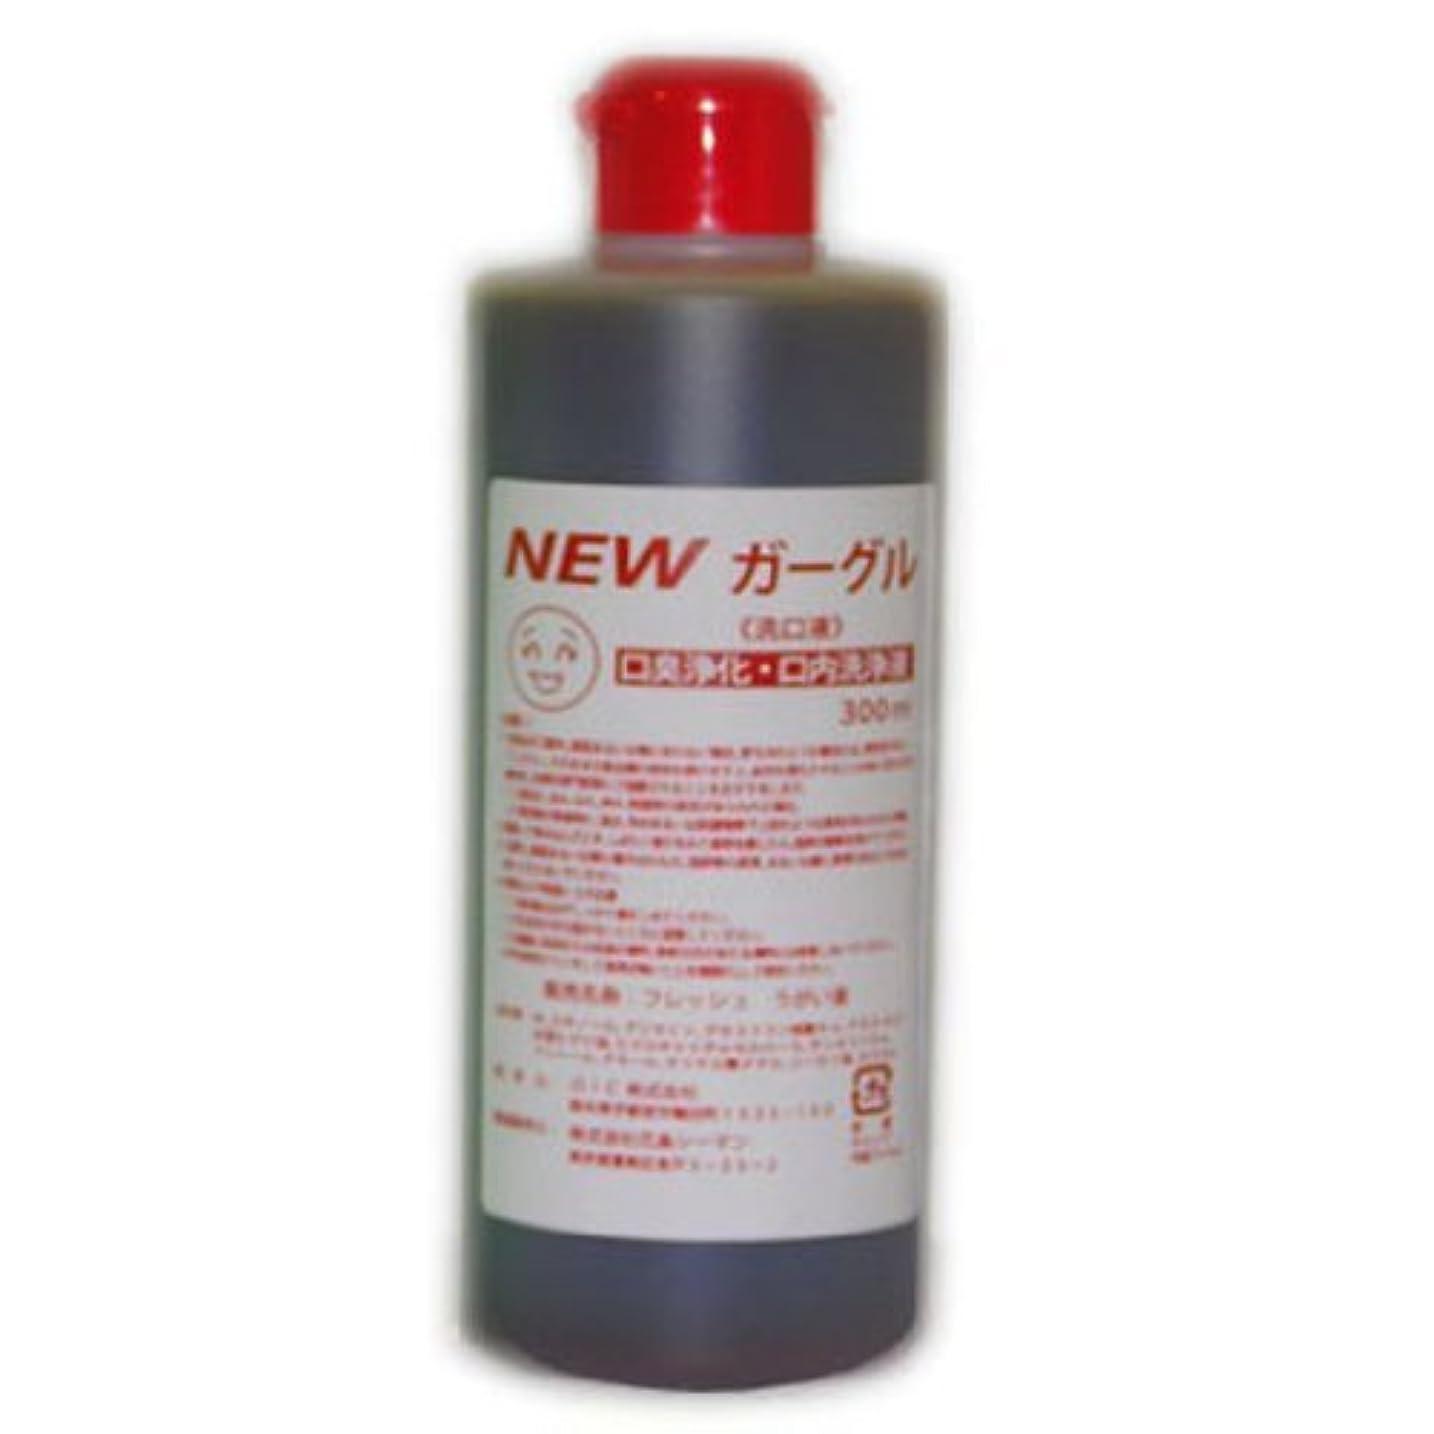 爆発物調和一次フレッシュうがい液 マウスウォッシュ NEWガーグル 300ml 25倍濃縮お得タイプ(セット商品) (ブラウン10本セット)